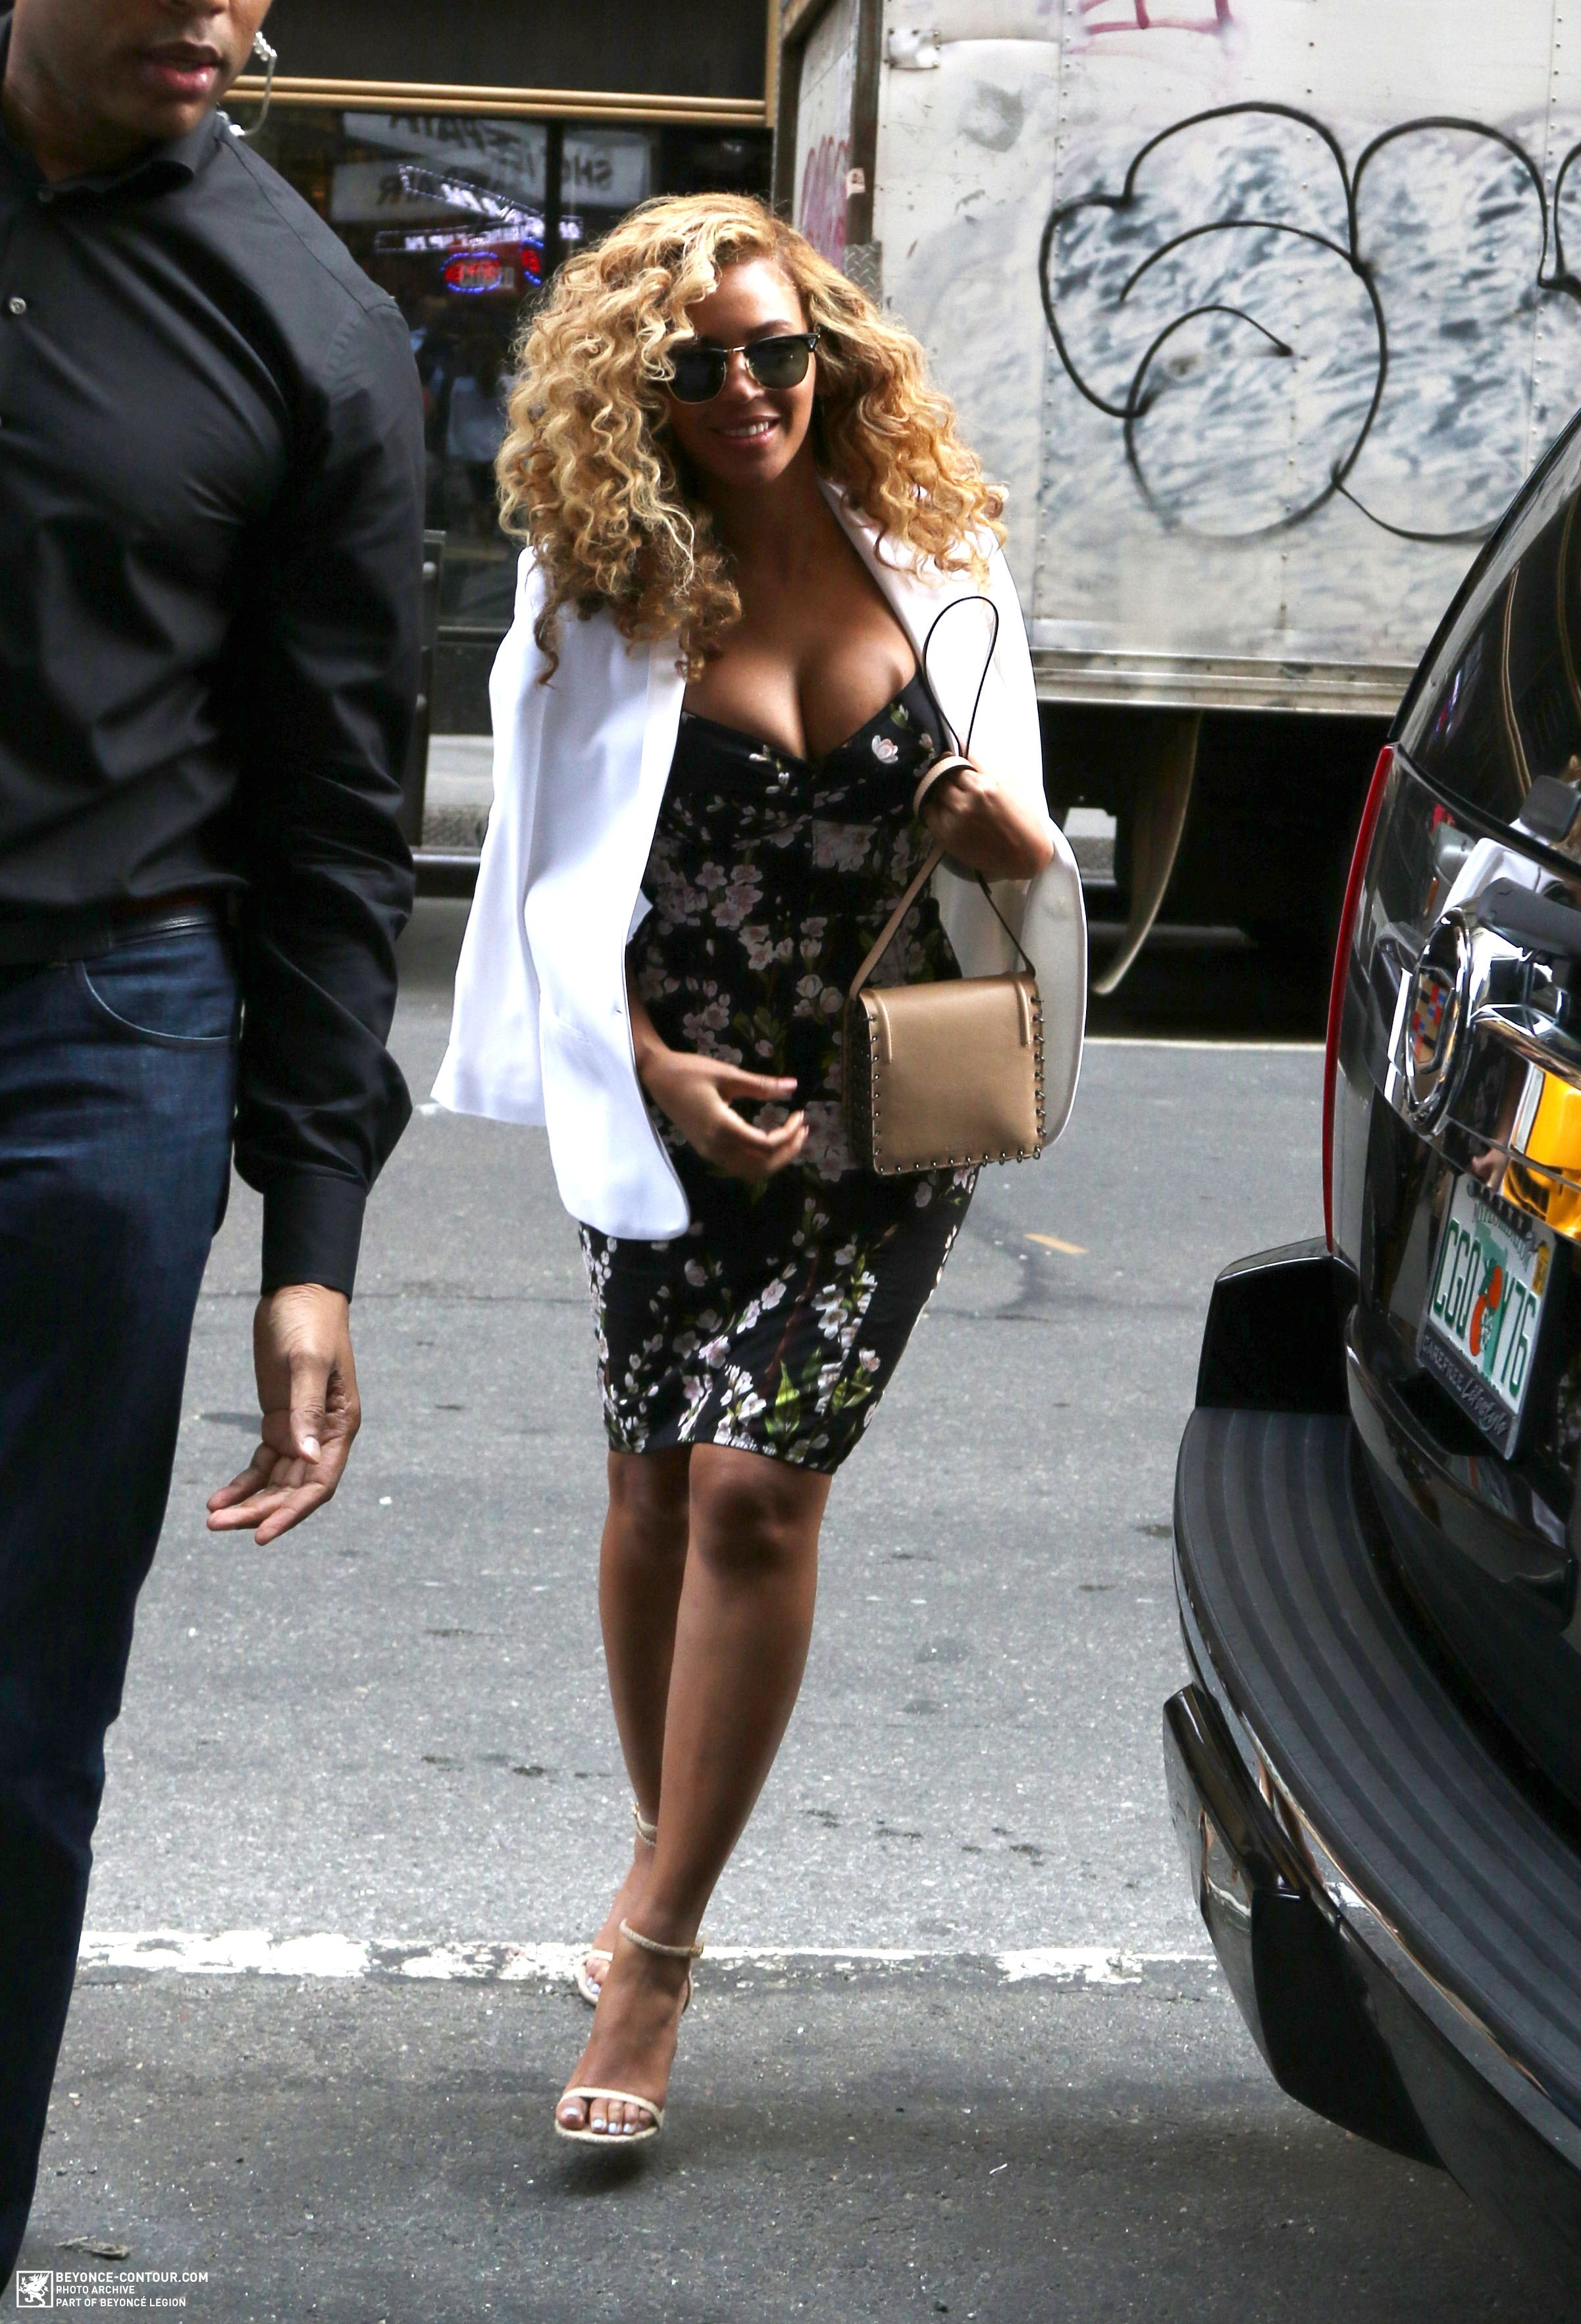 Beyoncé > Apariciones en público <Candids> [III] - Página 48 026